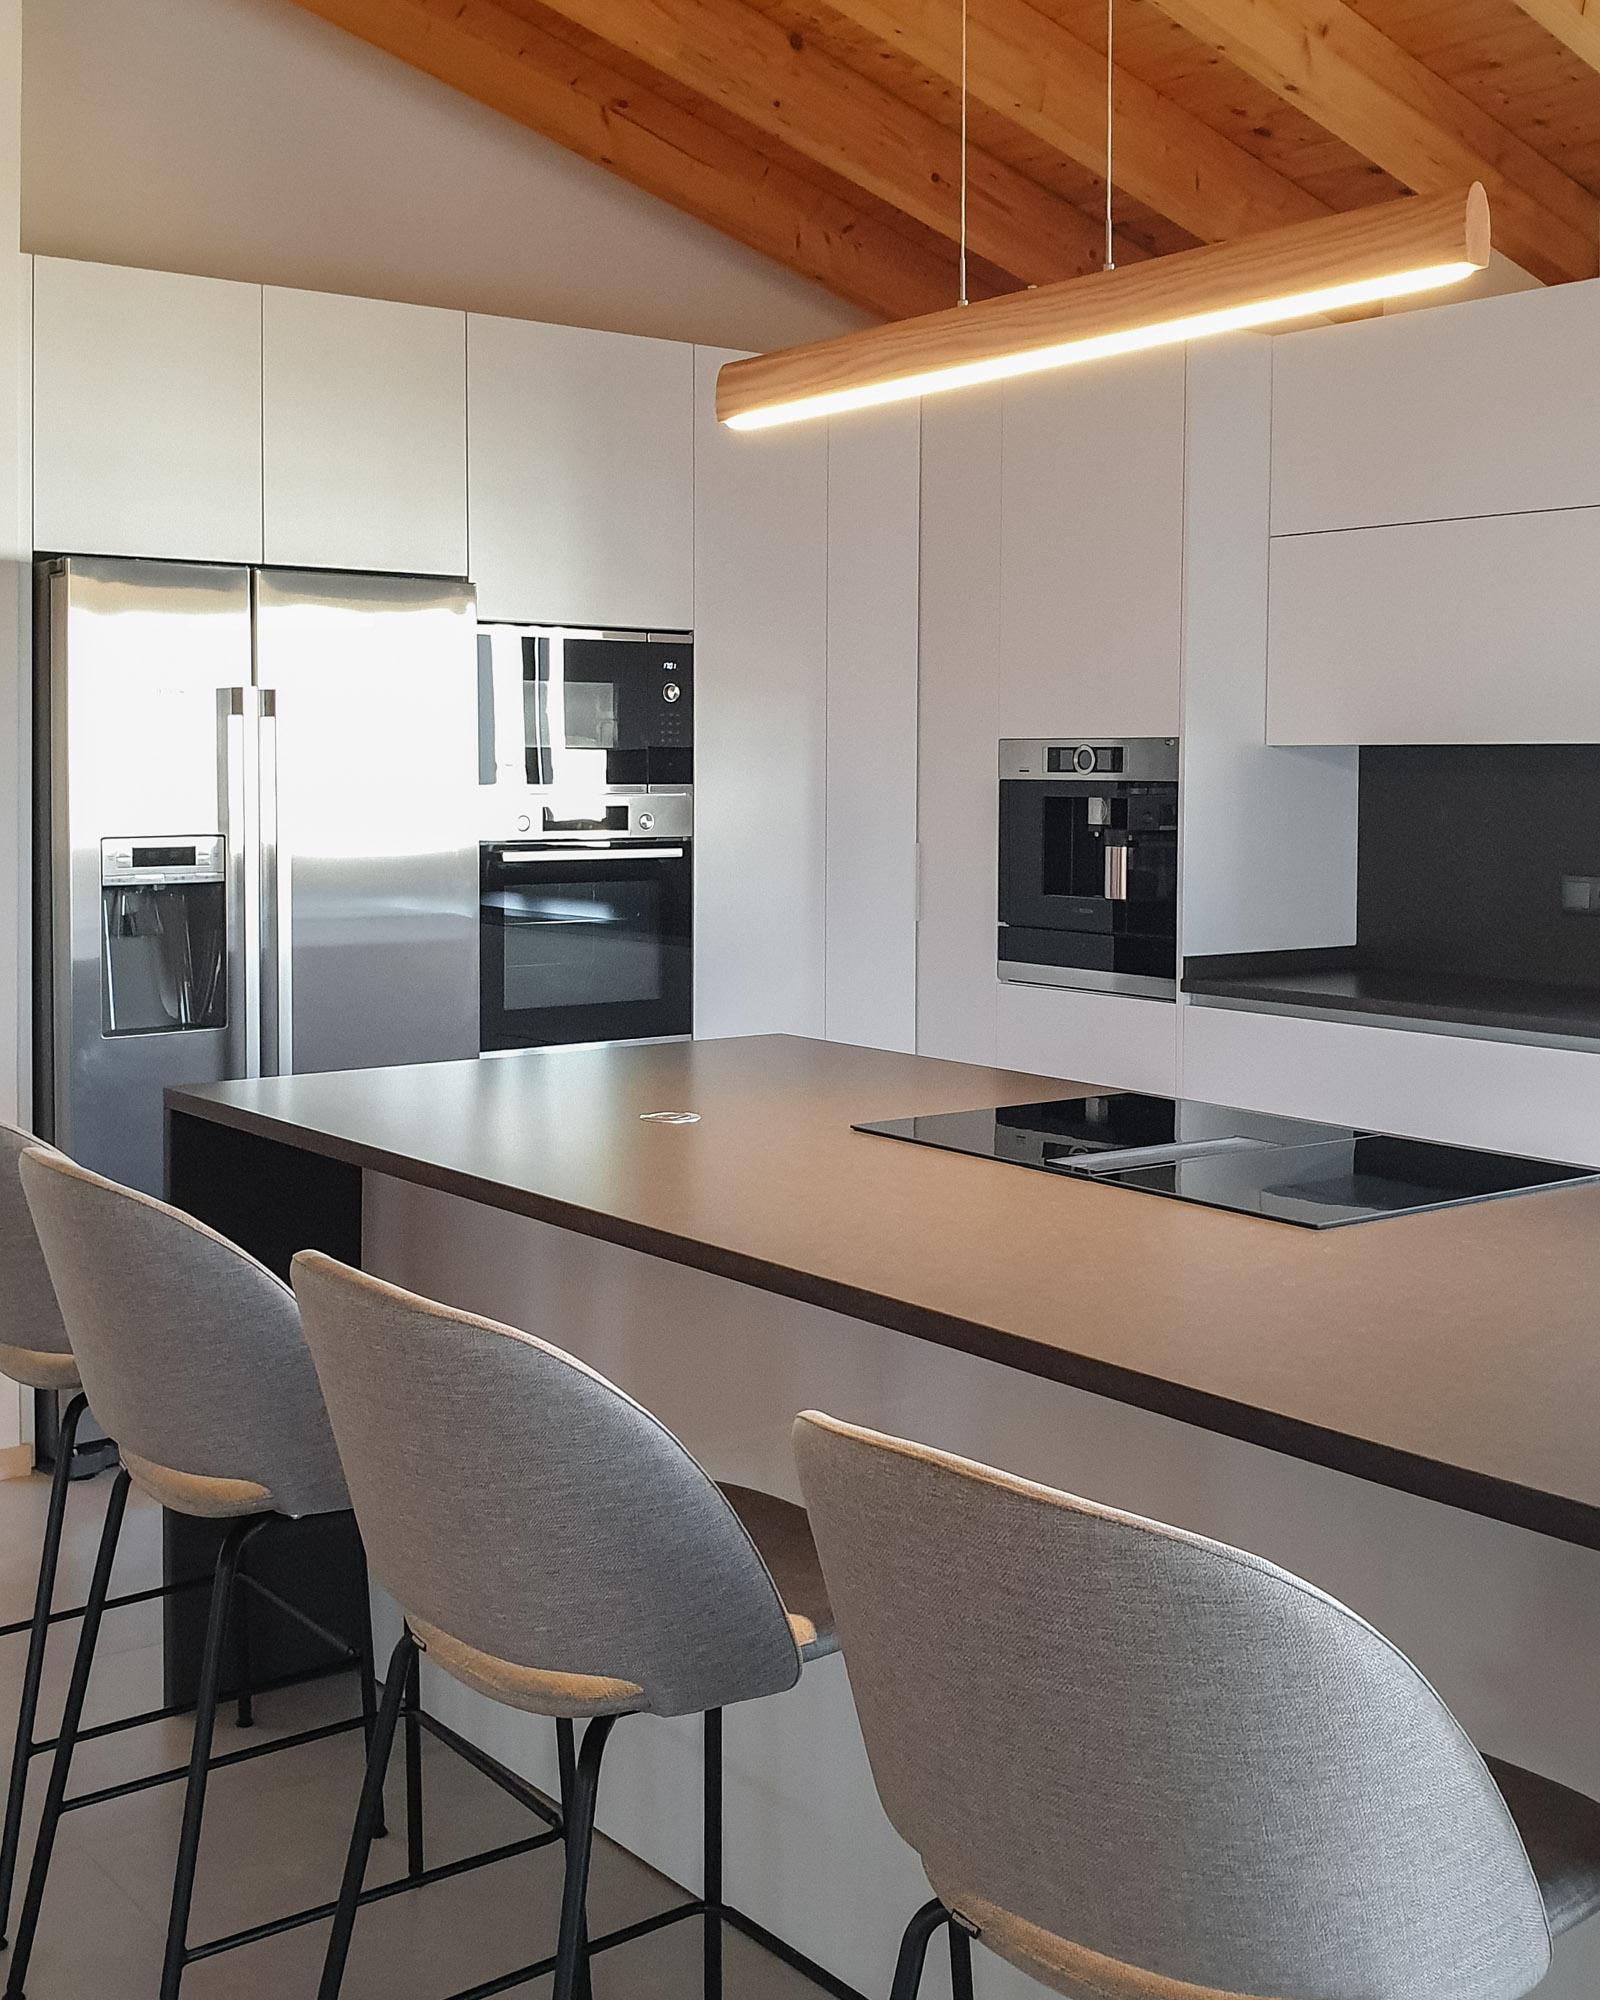 Cozinha moderna com máquina de café integrada.